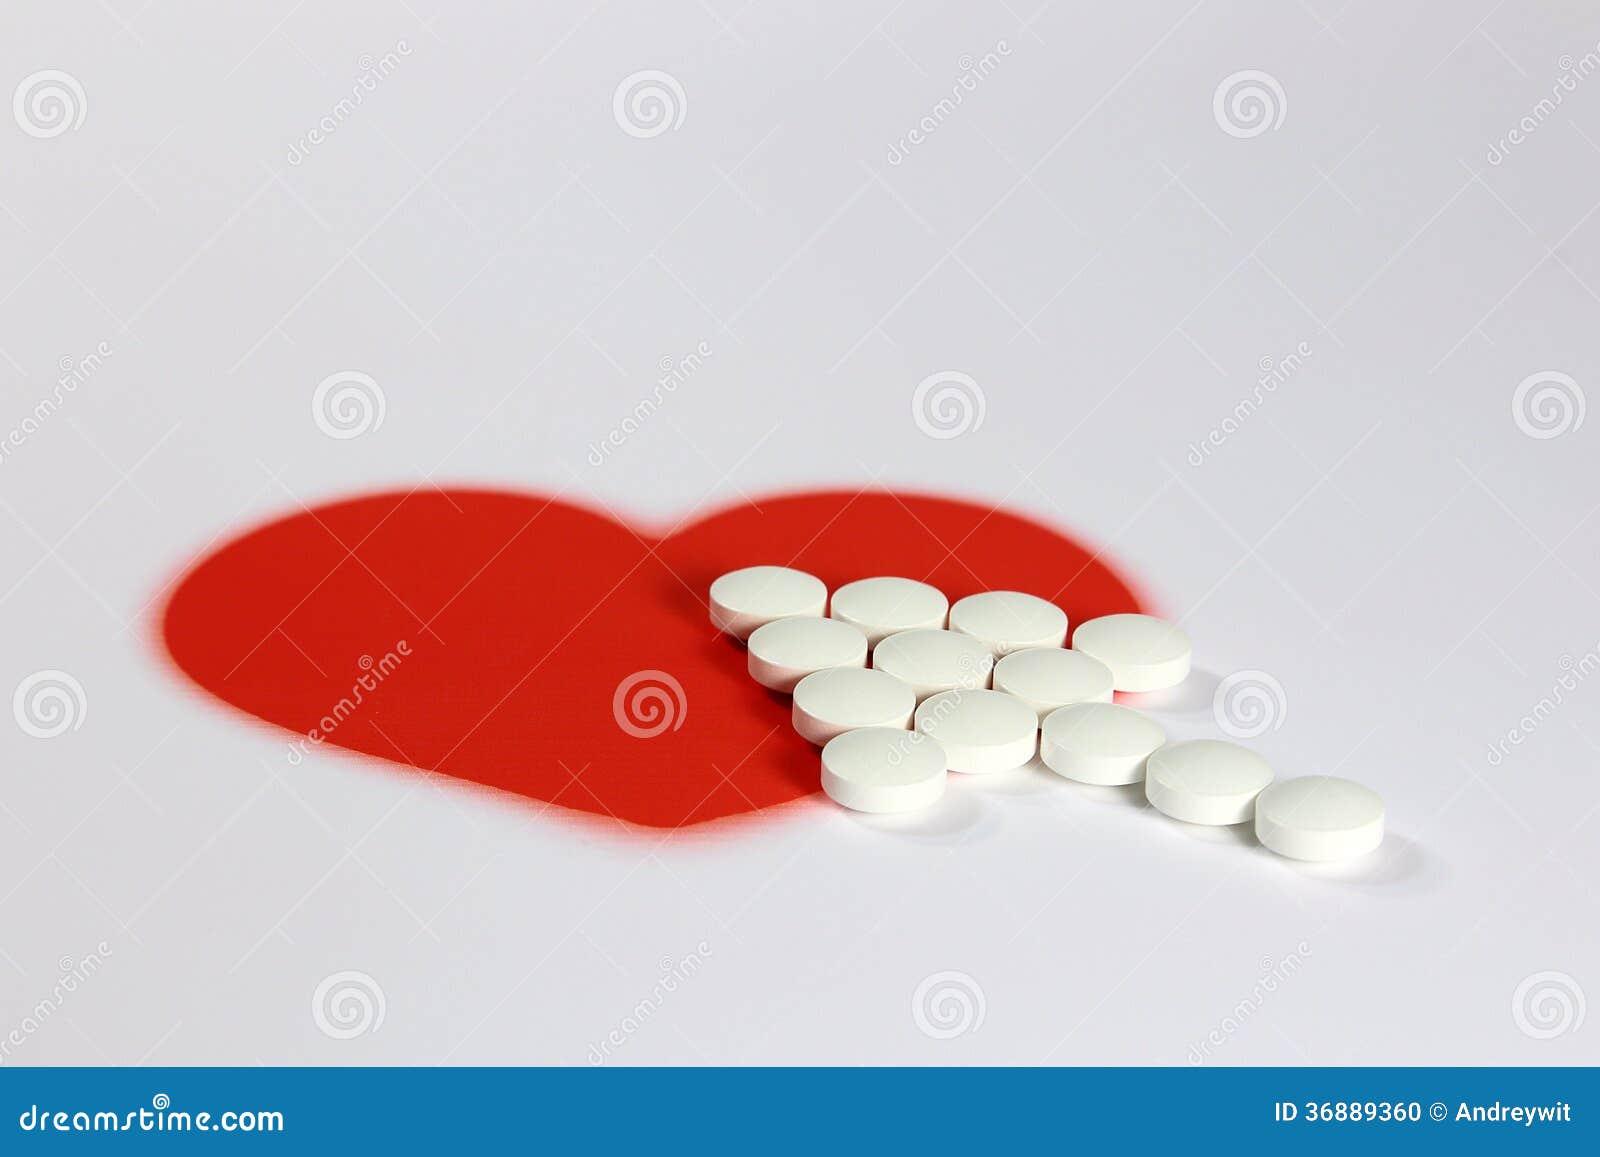 Download Compresse e un cuore rosso fotografia stock. Immagine di creativo - 36889360